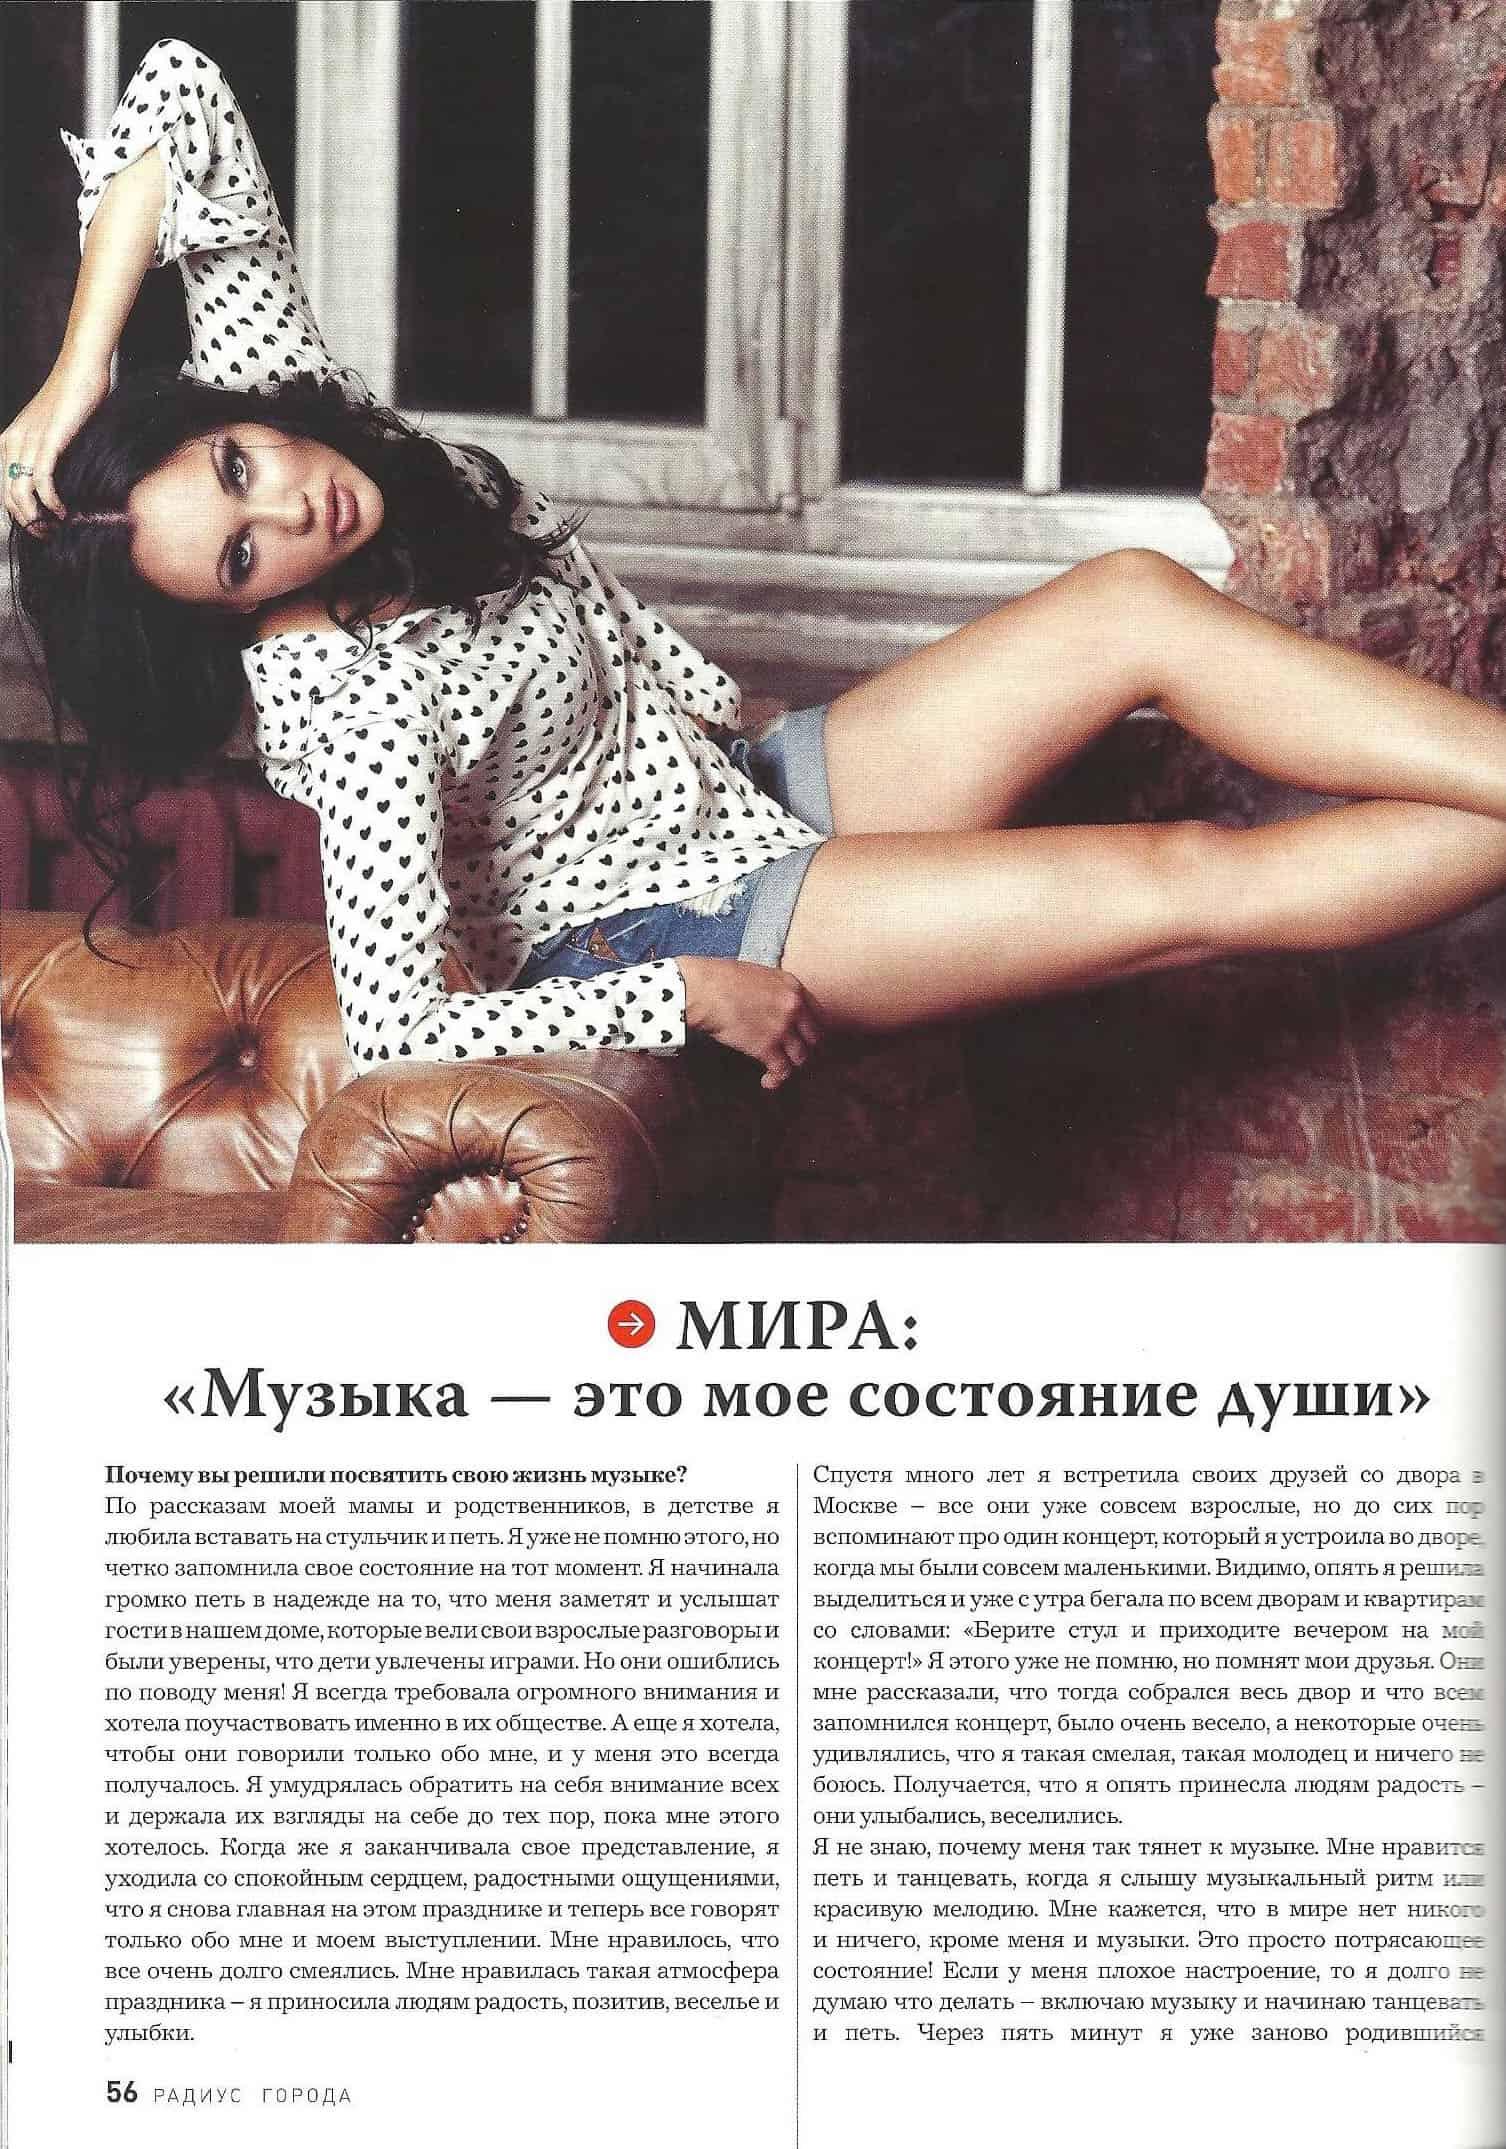 Мира в СМИ. герои номера - Оксана Федорова